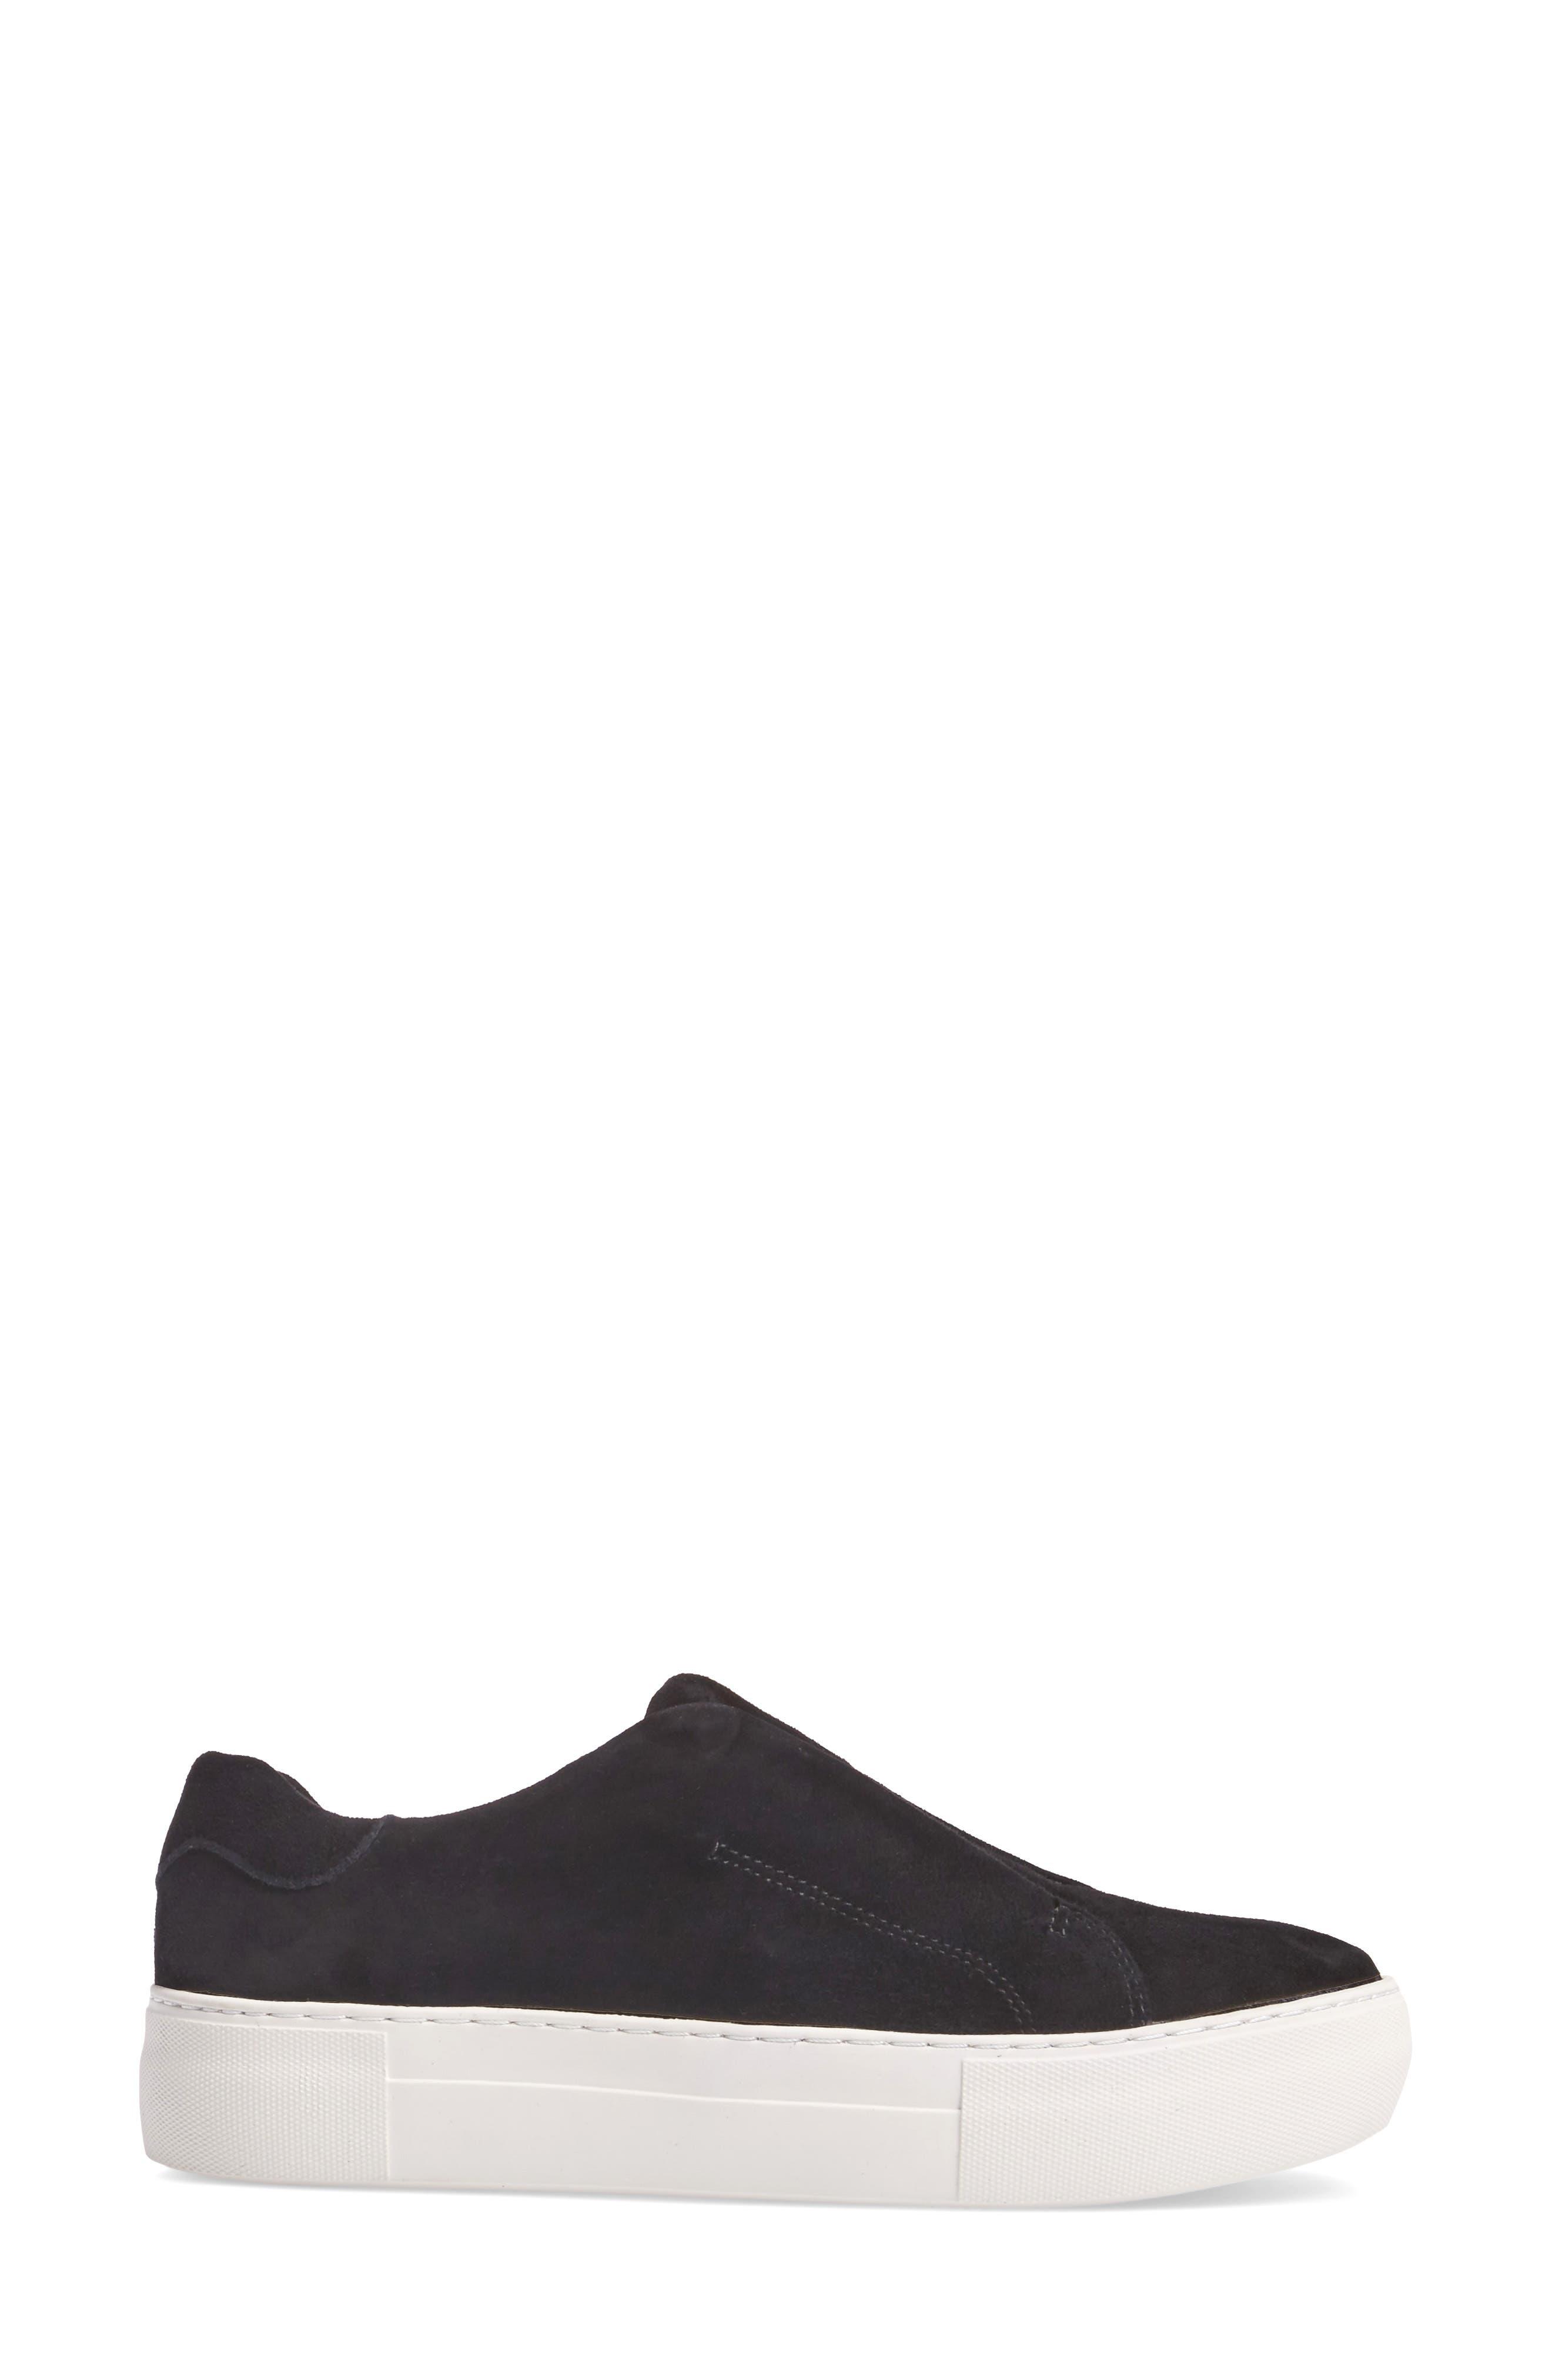 JSLIDES, Alara Slip-On Sneaker, Alternate thumbnail 3, color, 002